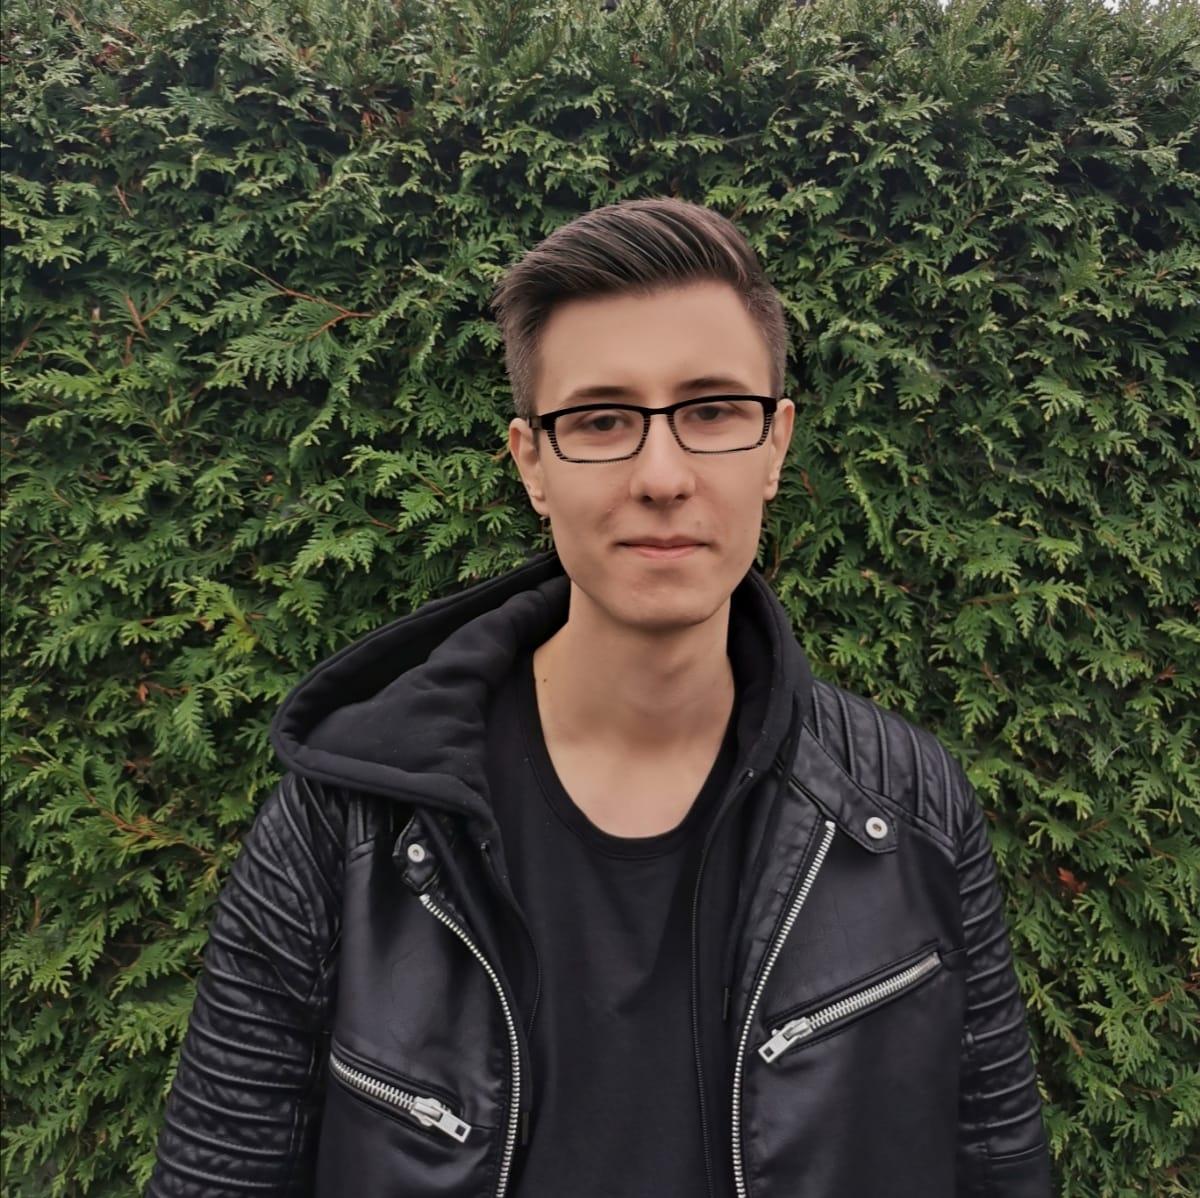 Profilbild von Kevin Henne